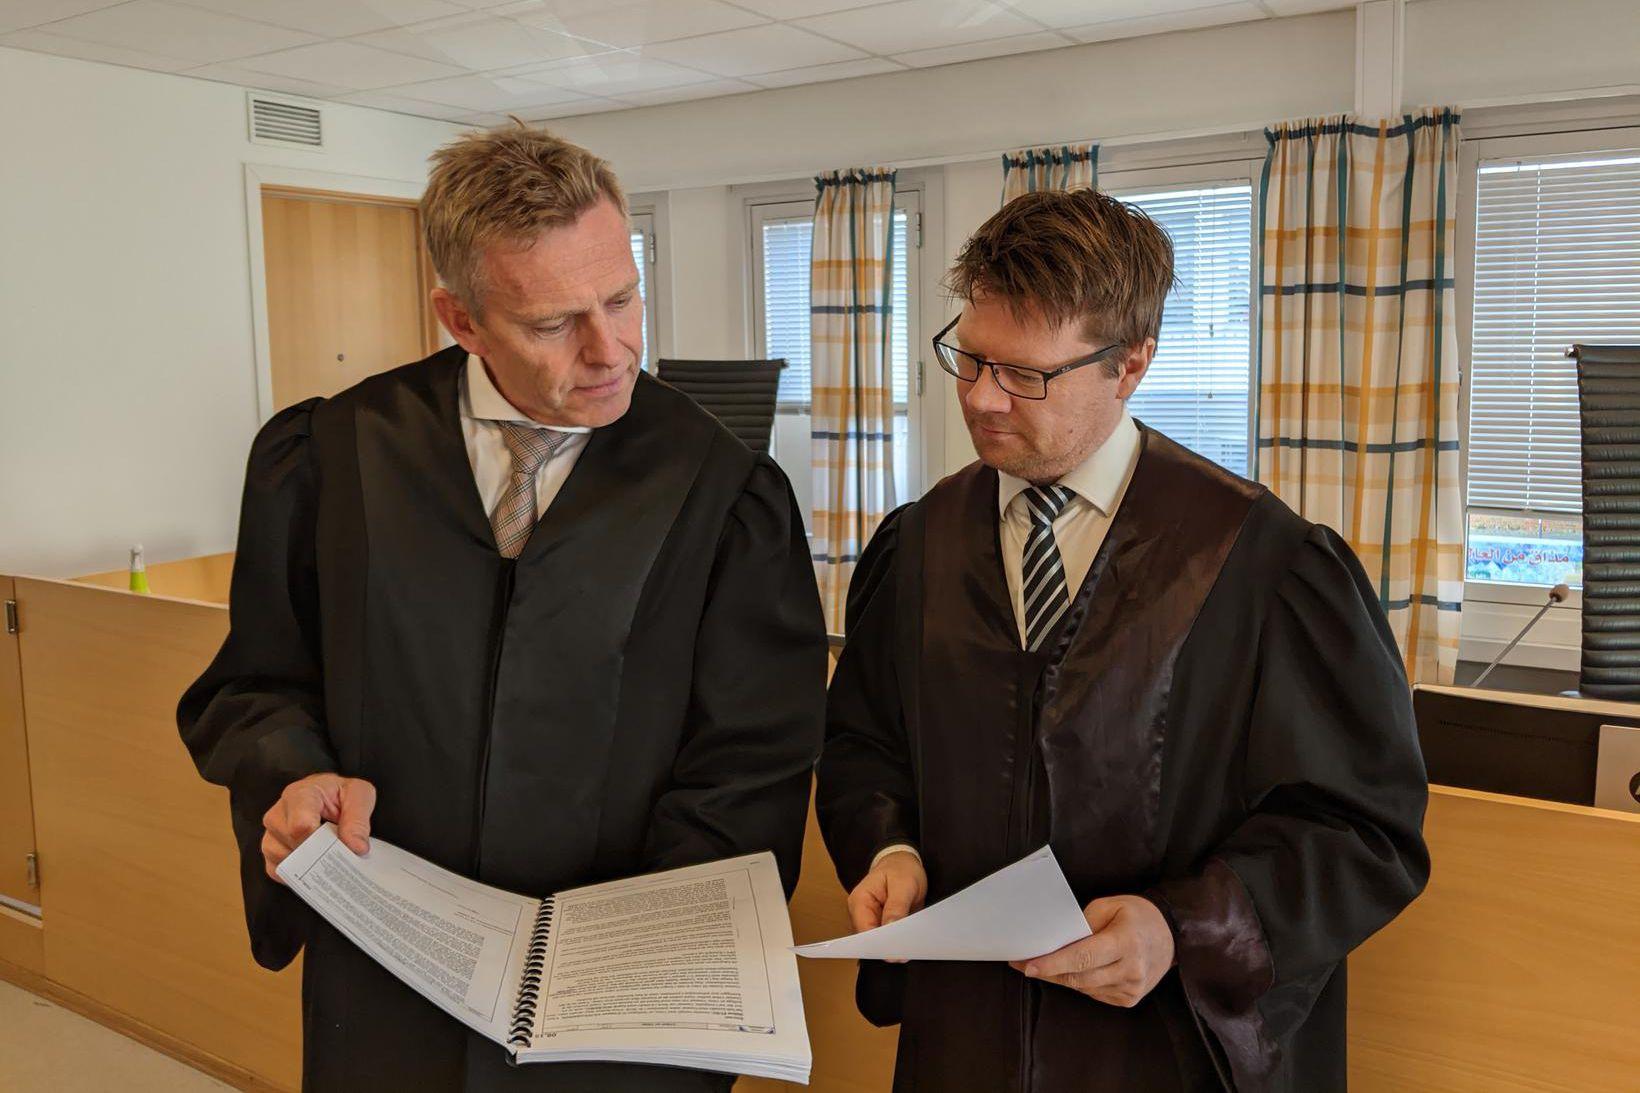 Frá vinstri, Torstein Lindquister og Bjørn Gulstad, er þeir báru …